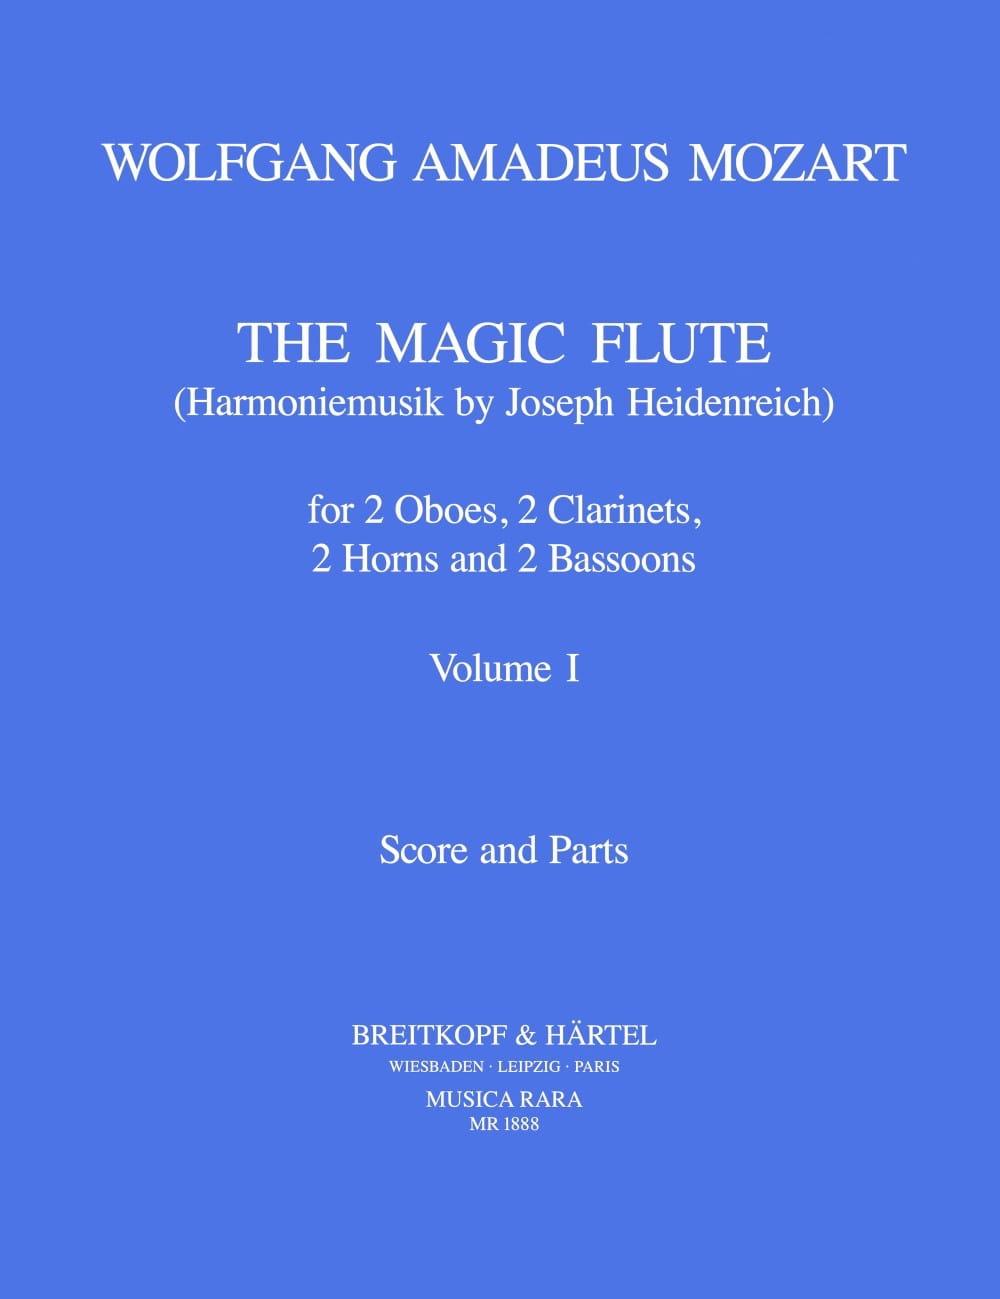 The magic flute Volume 1 -Harmoniemusik - Score + parts - laflutedepan.com